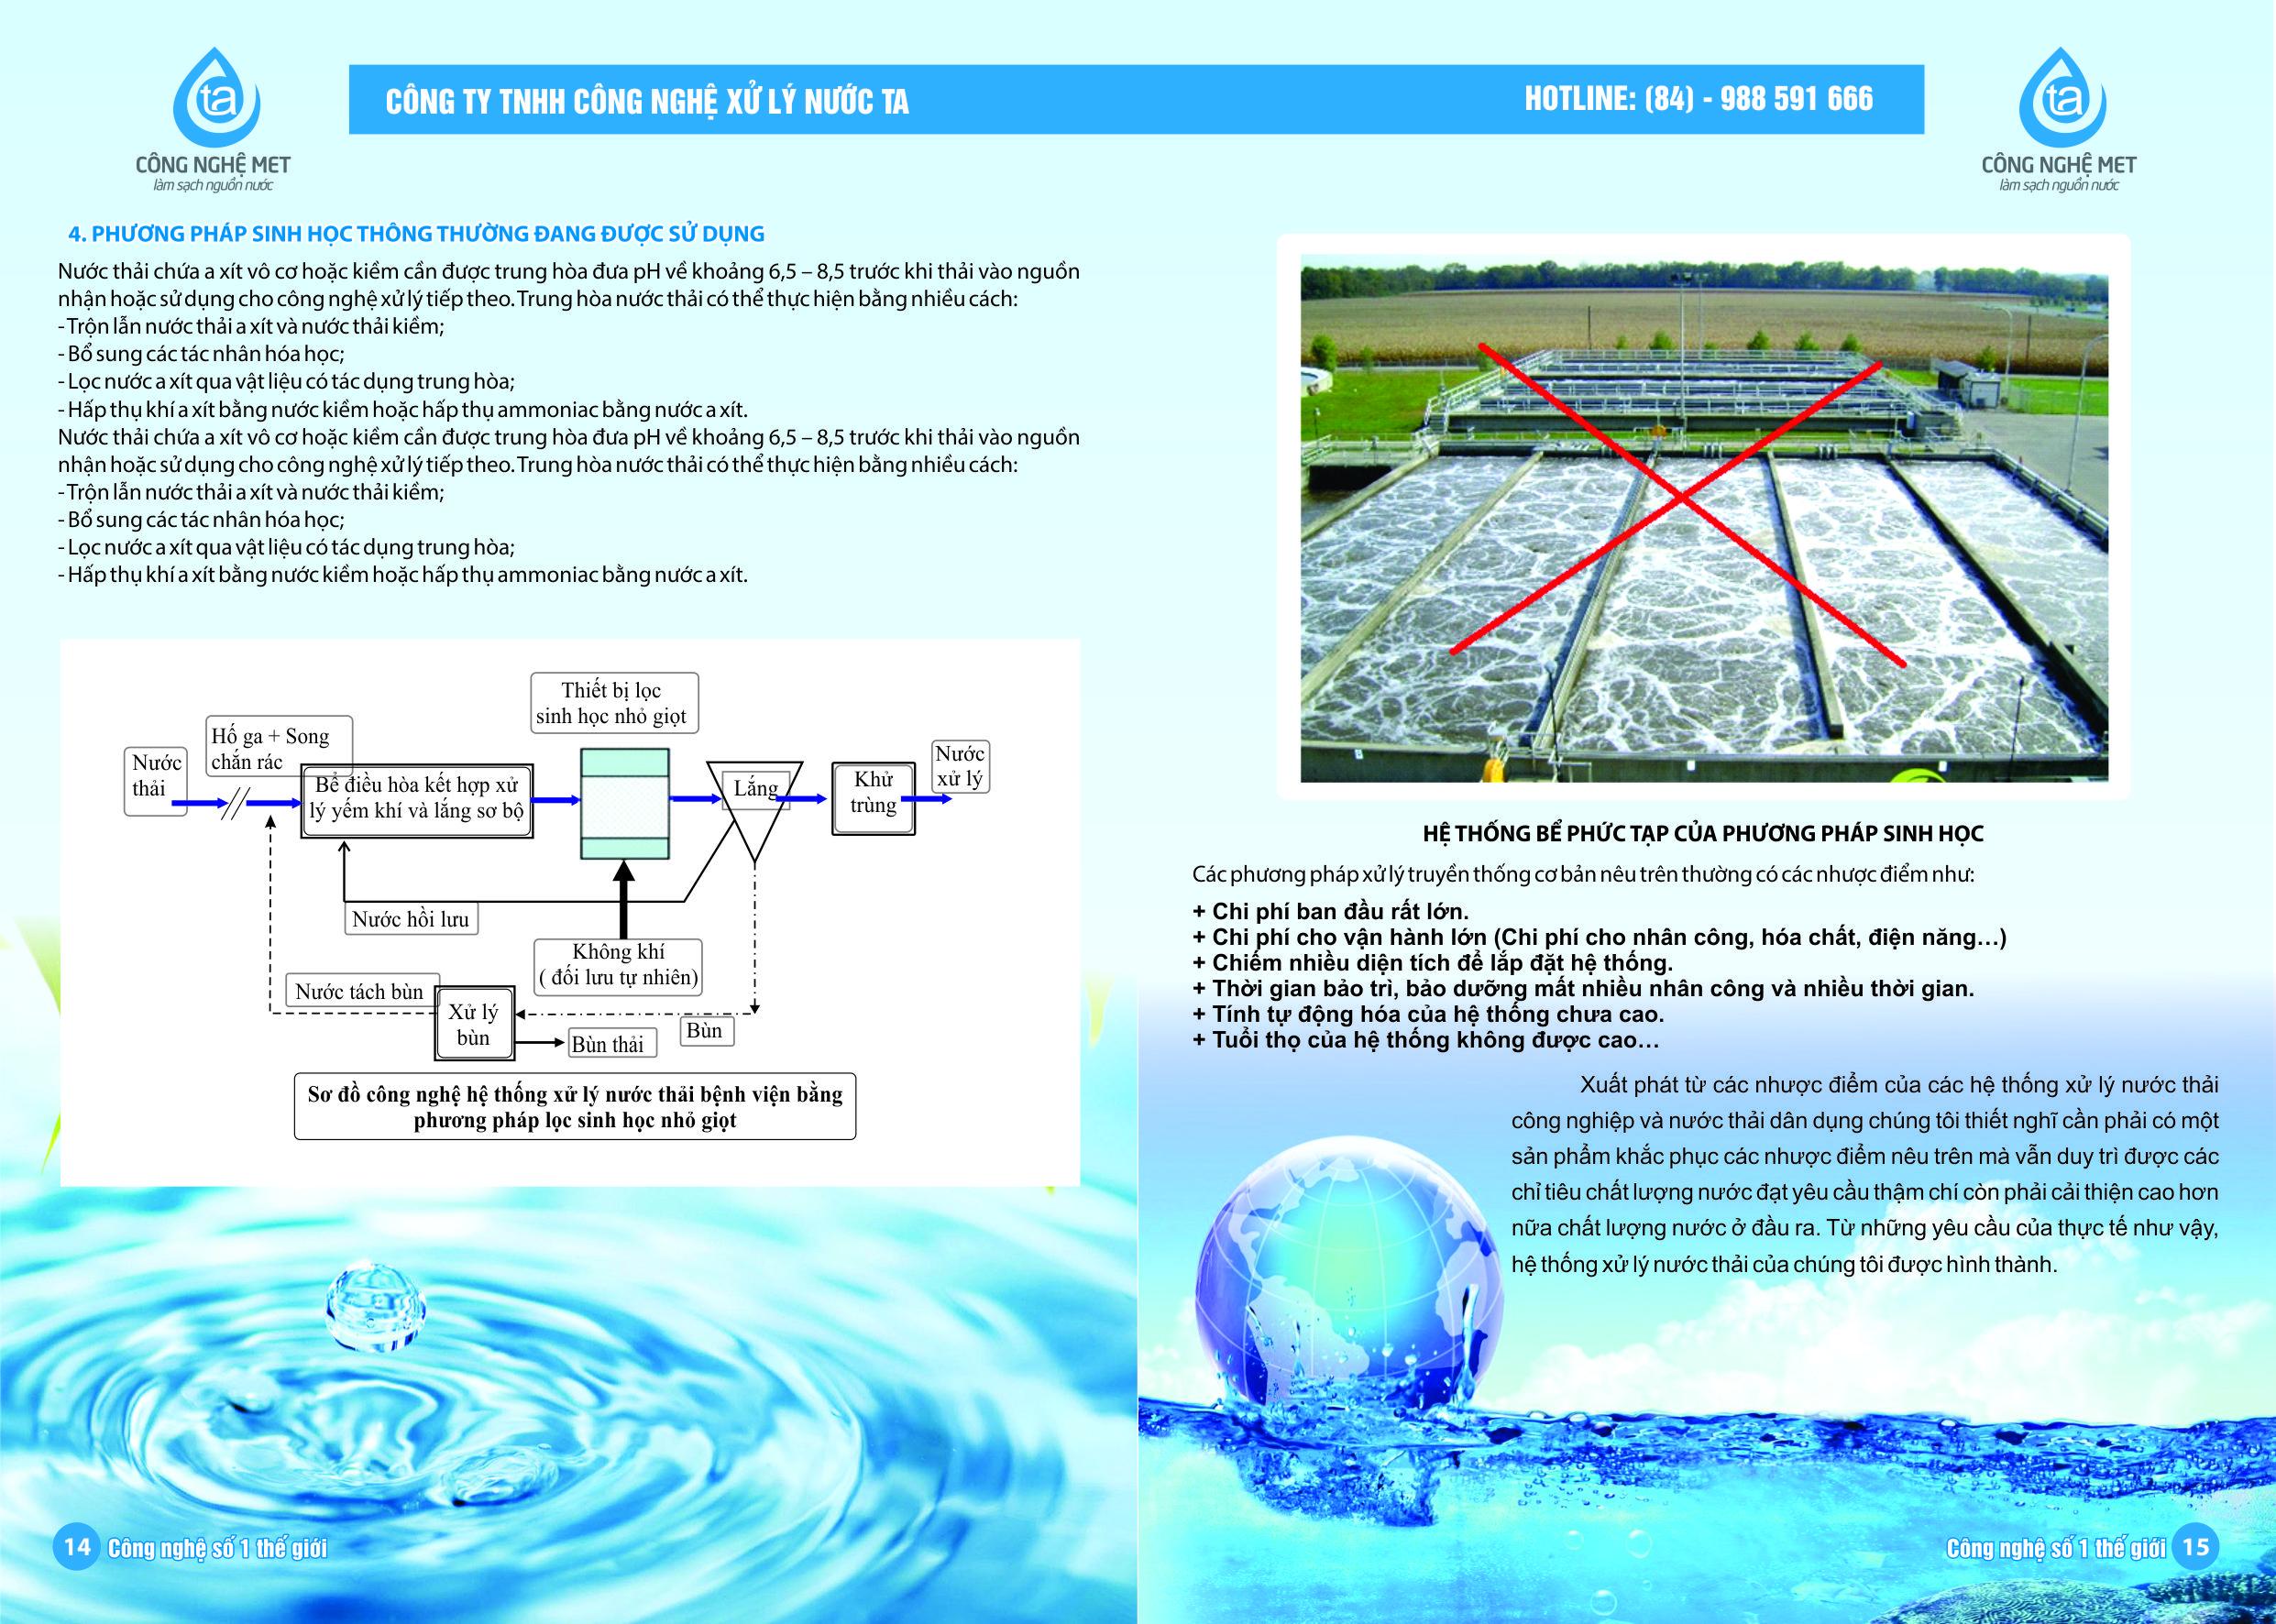 Nồng độ chất ô nhiễm trong nước thải sinh hoạt